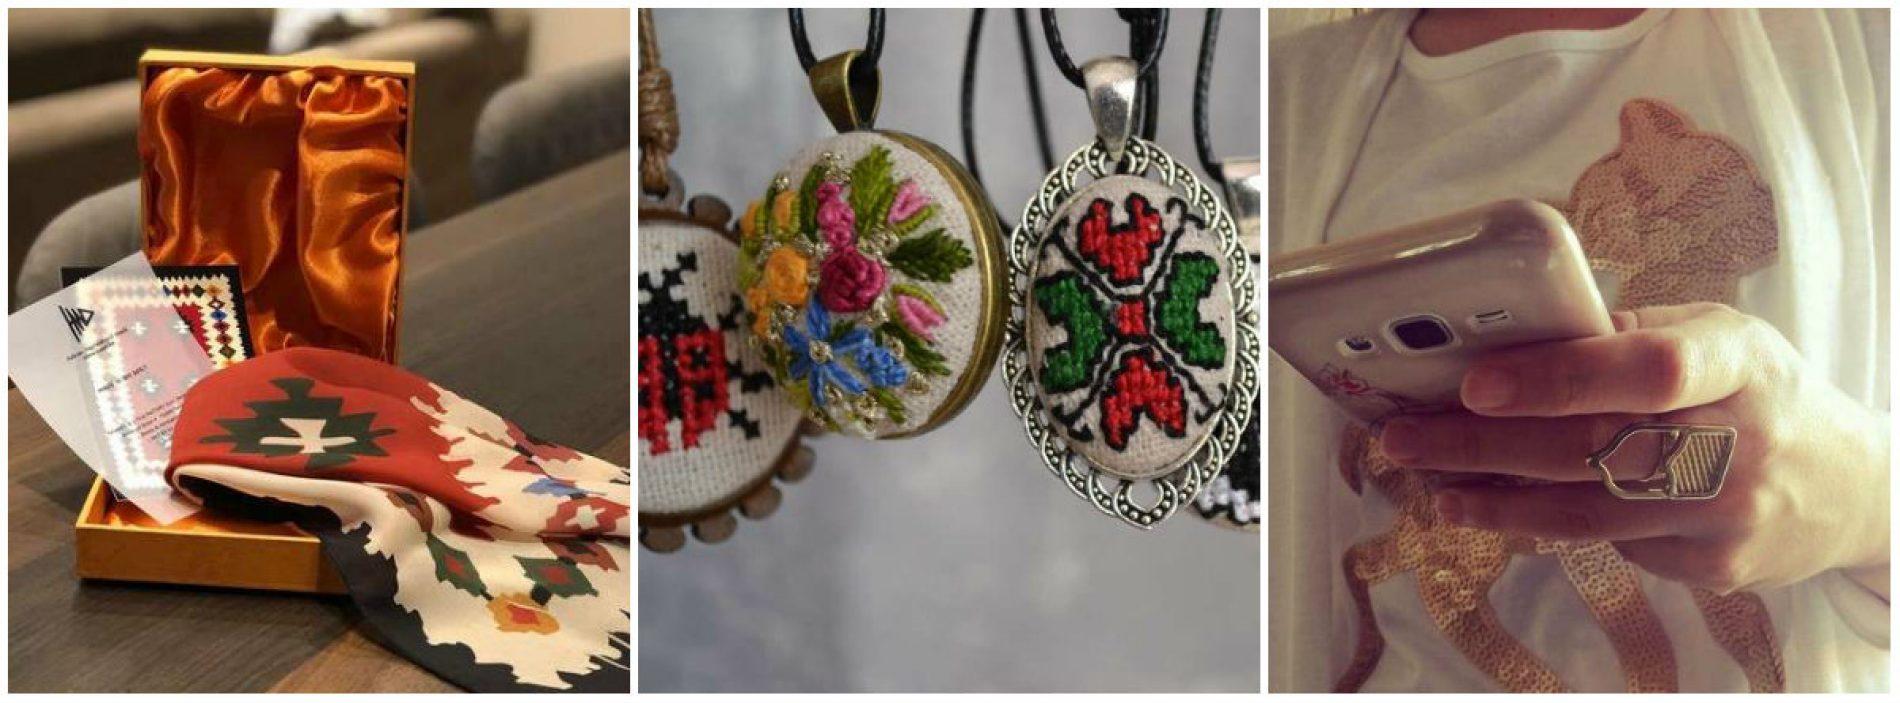 Tradicionalni i historijski motivi sve prisutniji na domaćim proizvodima